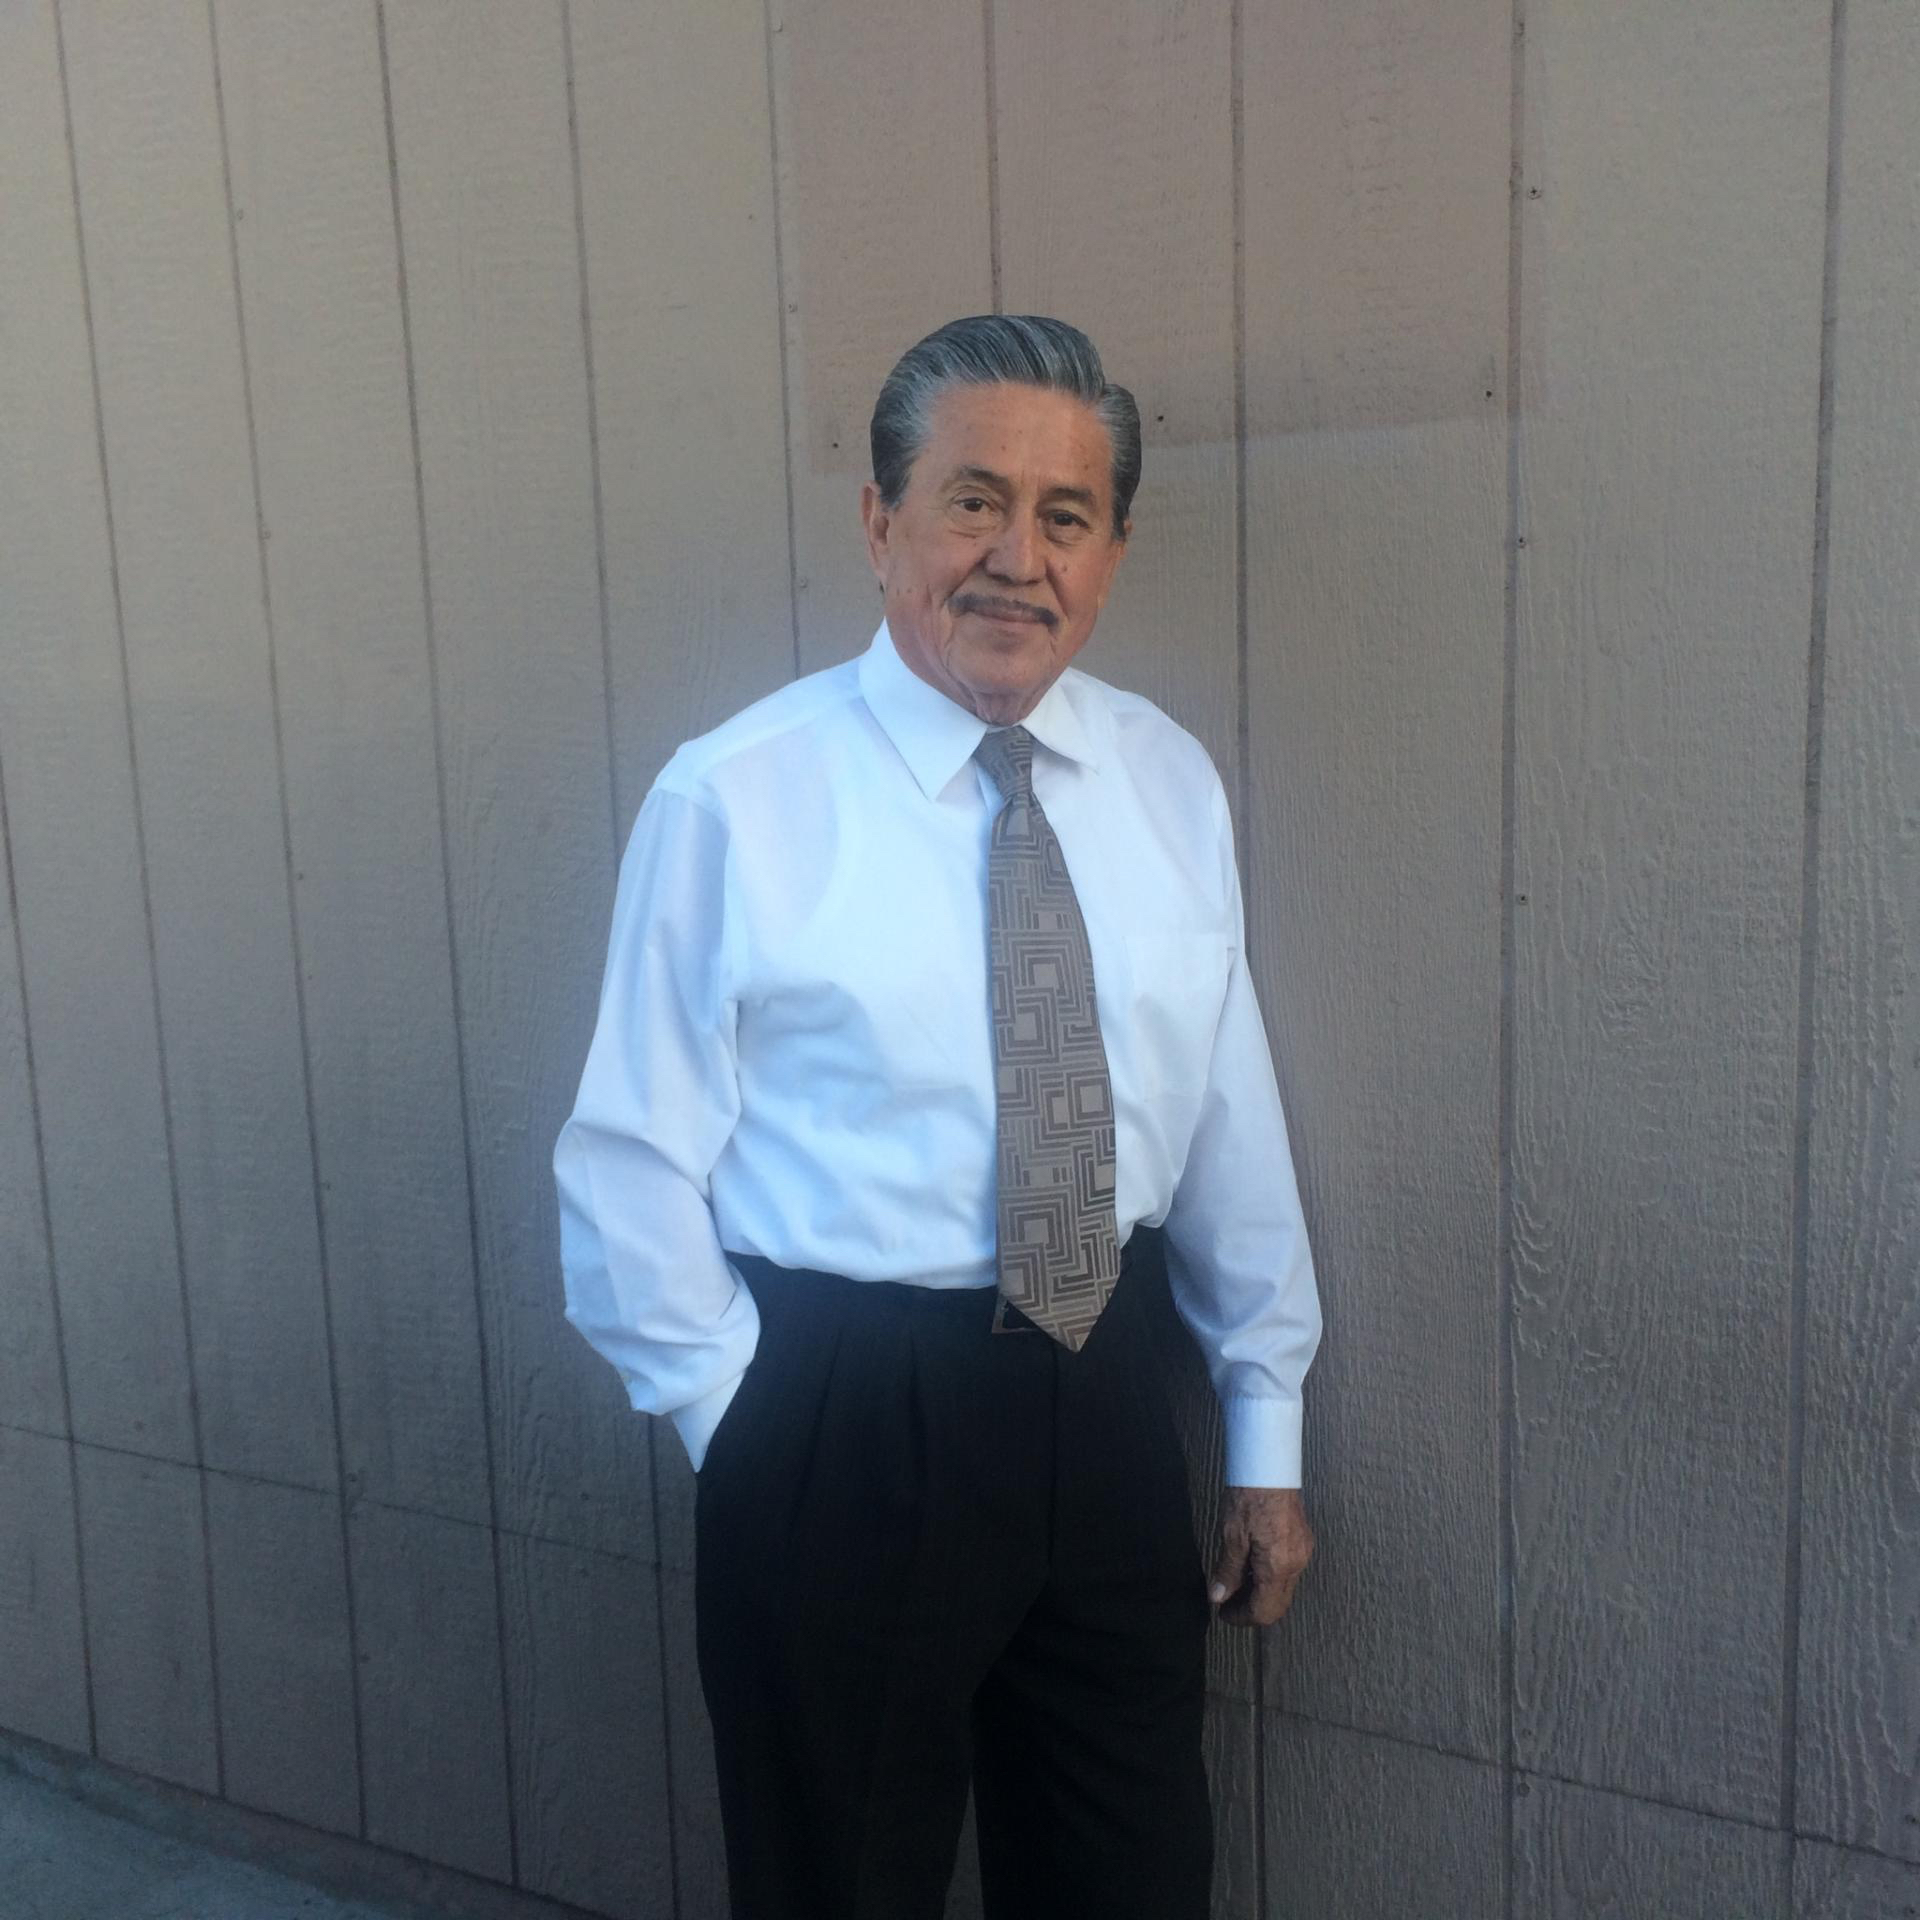 Ray Malanado